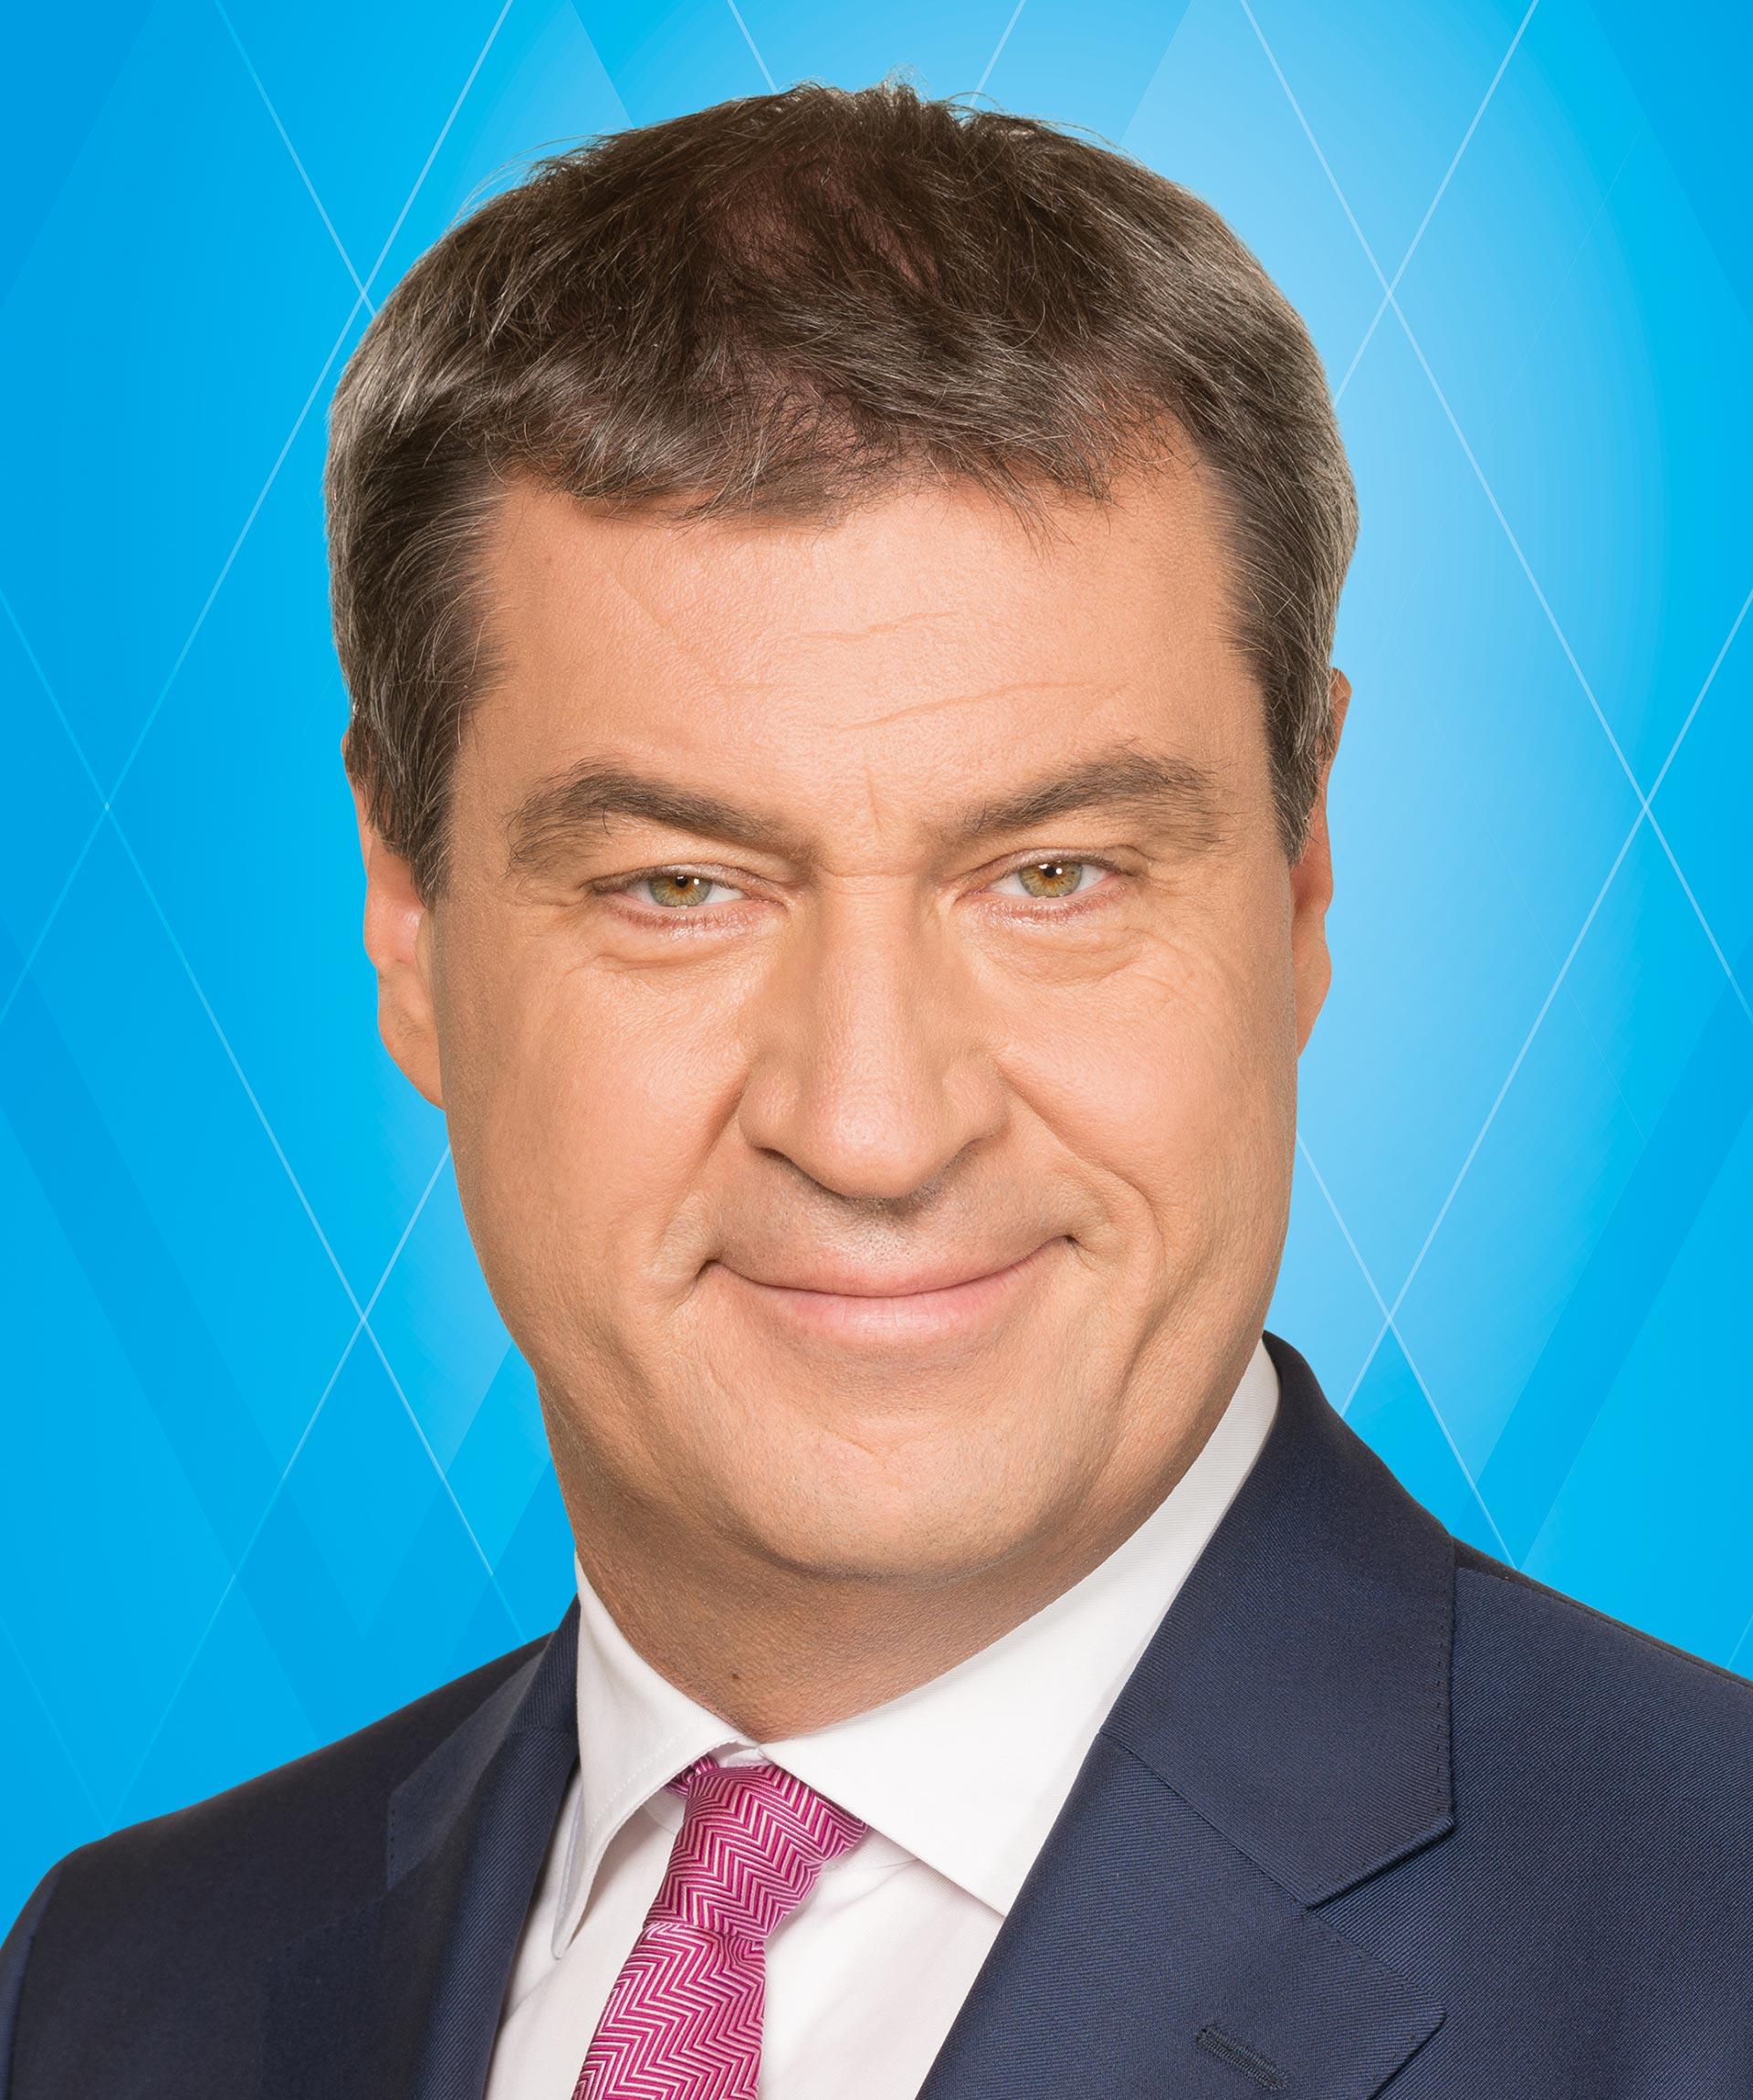 Alpenregionstreffen 2020: Ministerpräsident Söder übernimmt Schirmherrschaft